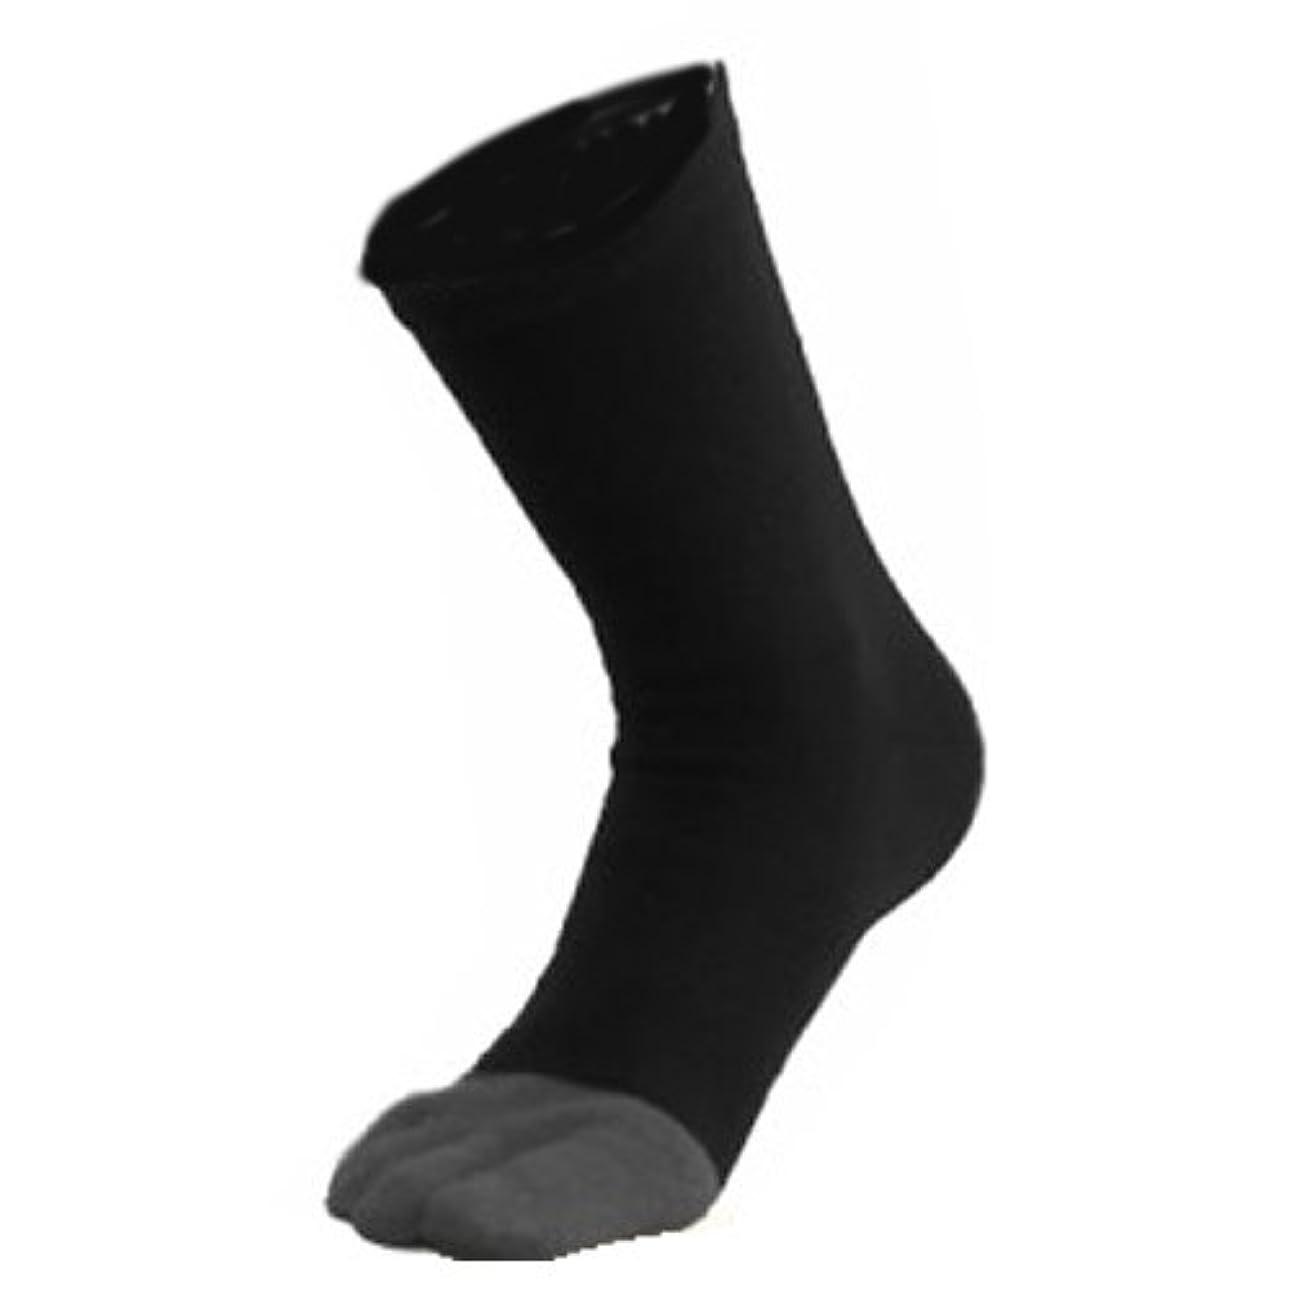 コマンド要塞微視的指先まであったか靴下 ブラック×チャコールグレー